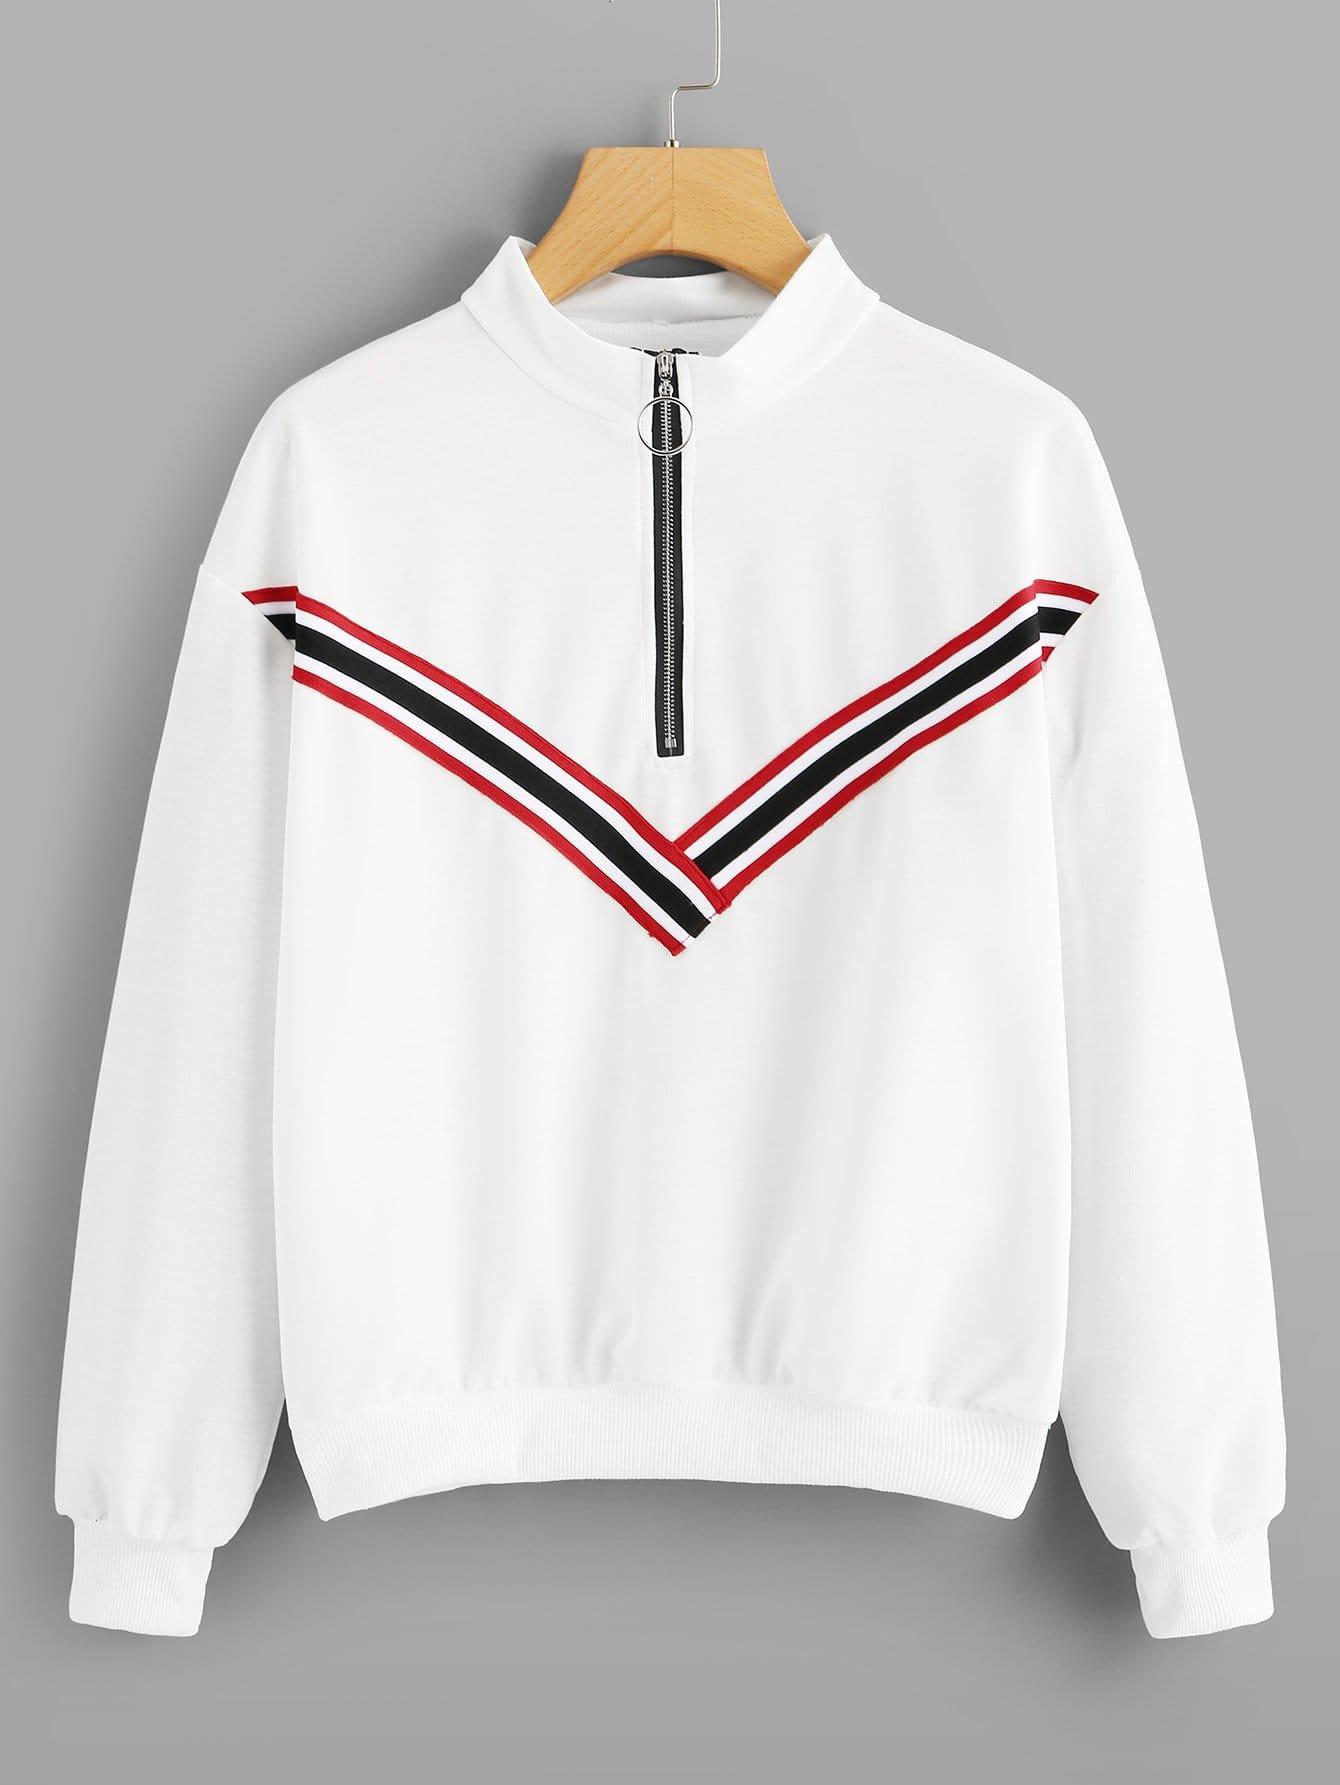 Купить Спортивная футболка с застёжкой молния и с украшением полосатых лент, null, SheIn